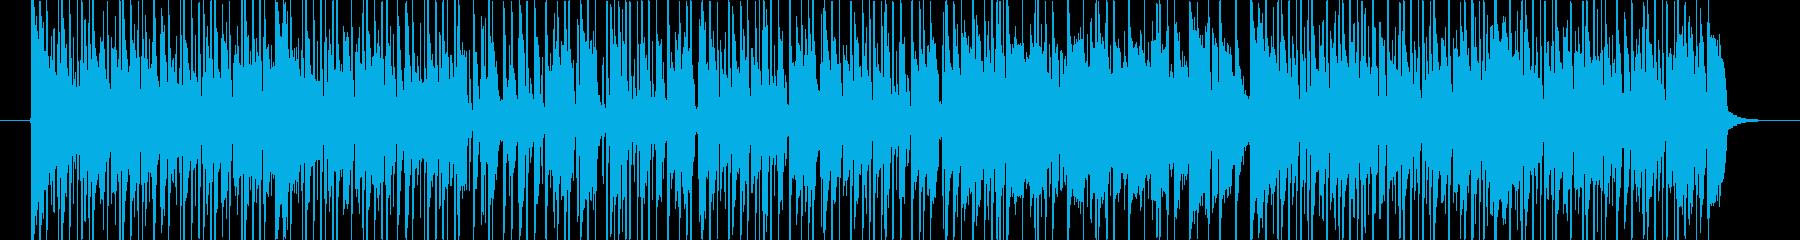 ファンク風BGMの再生済みの波形